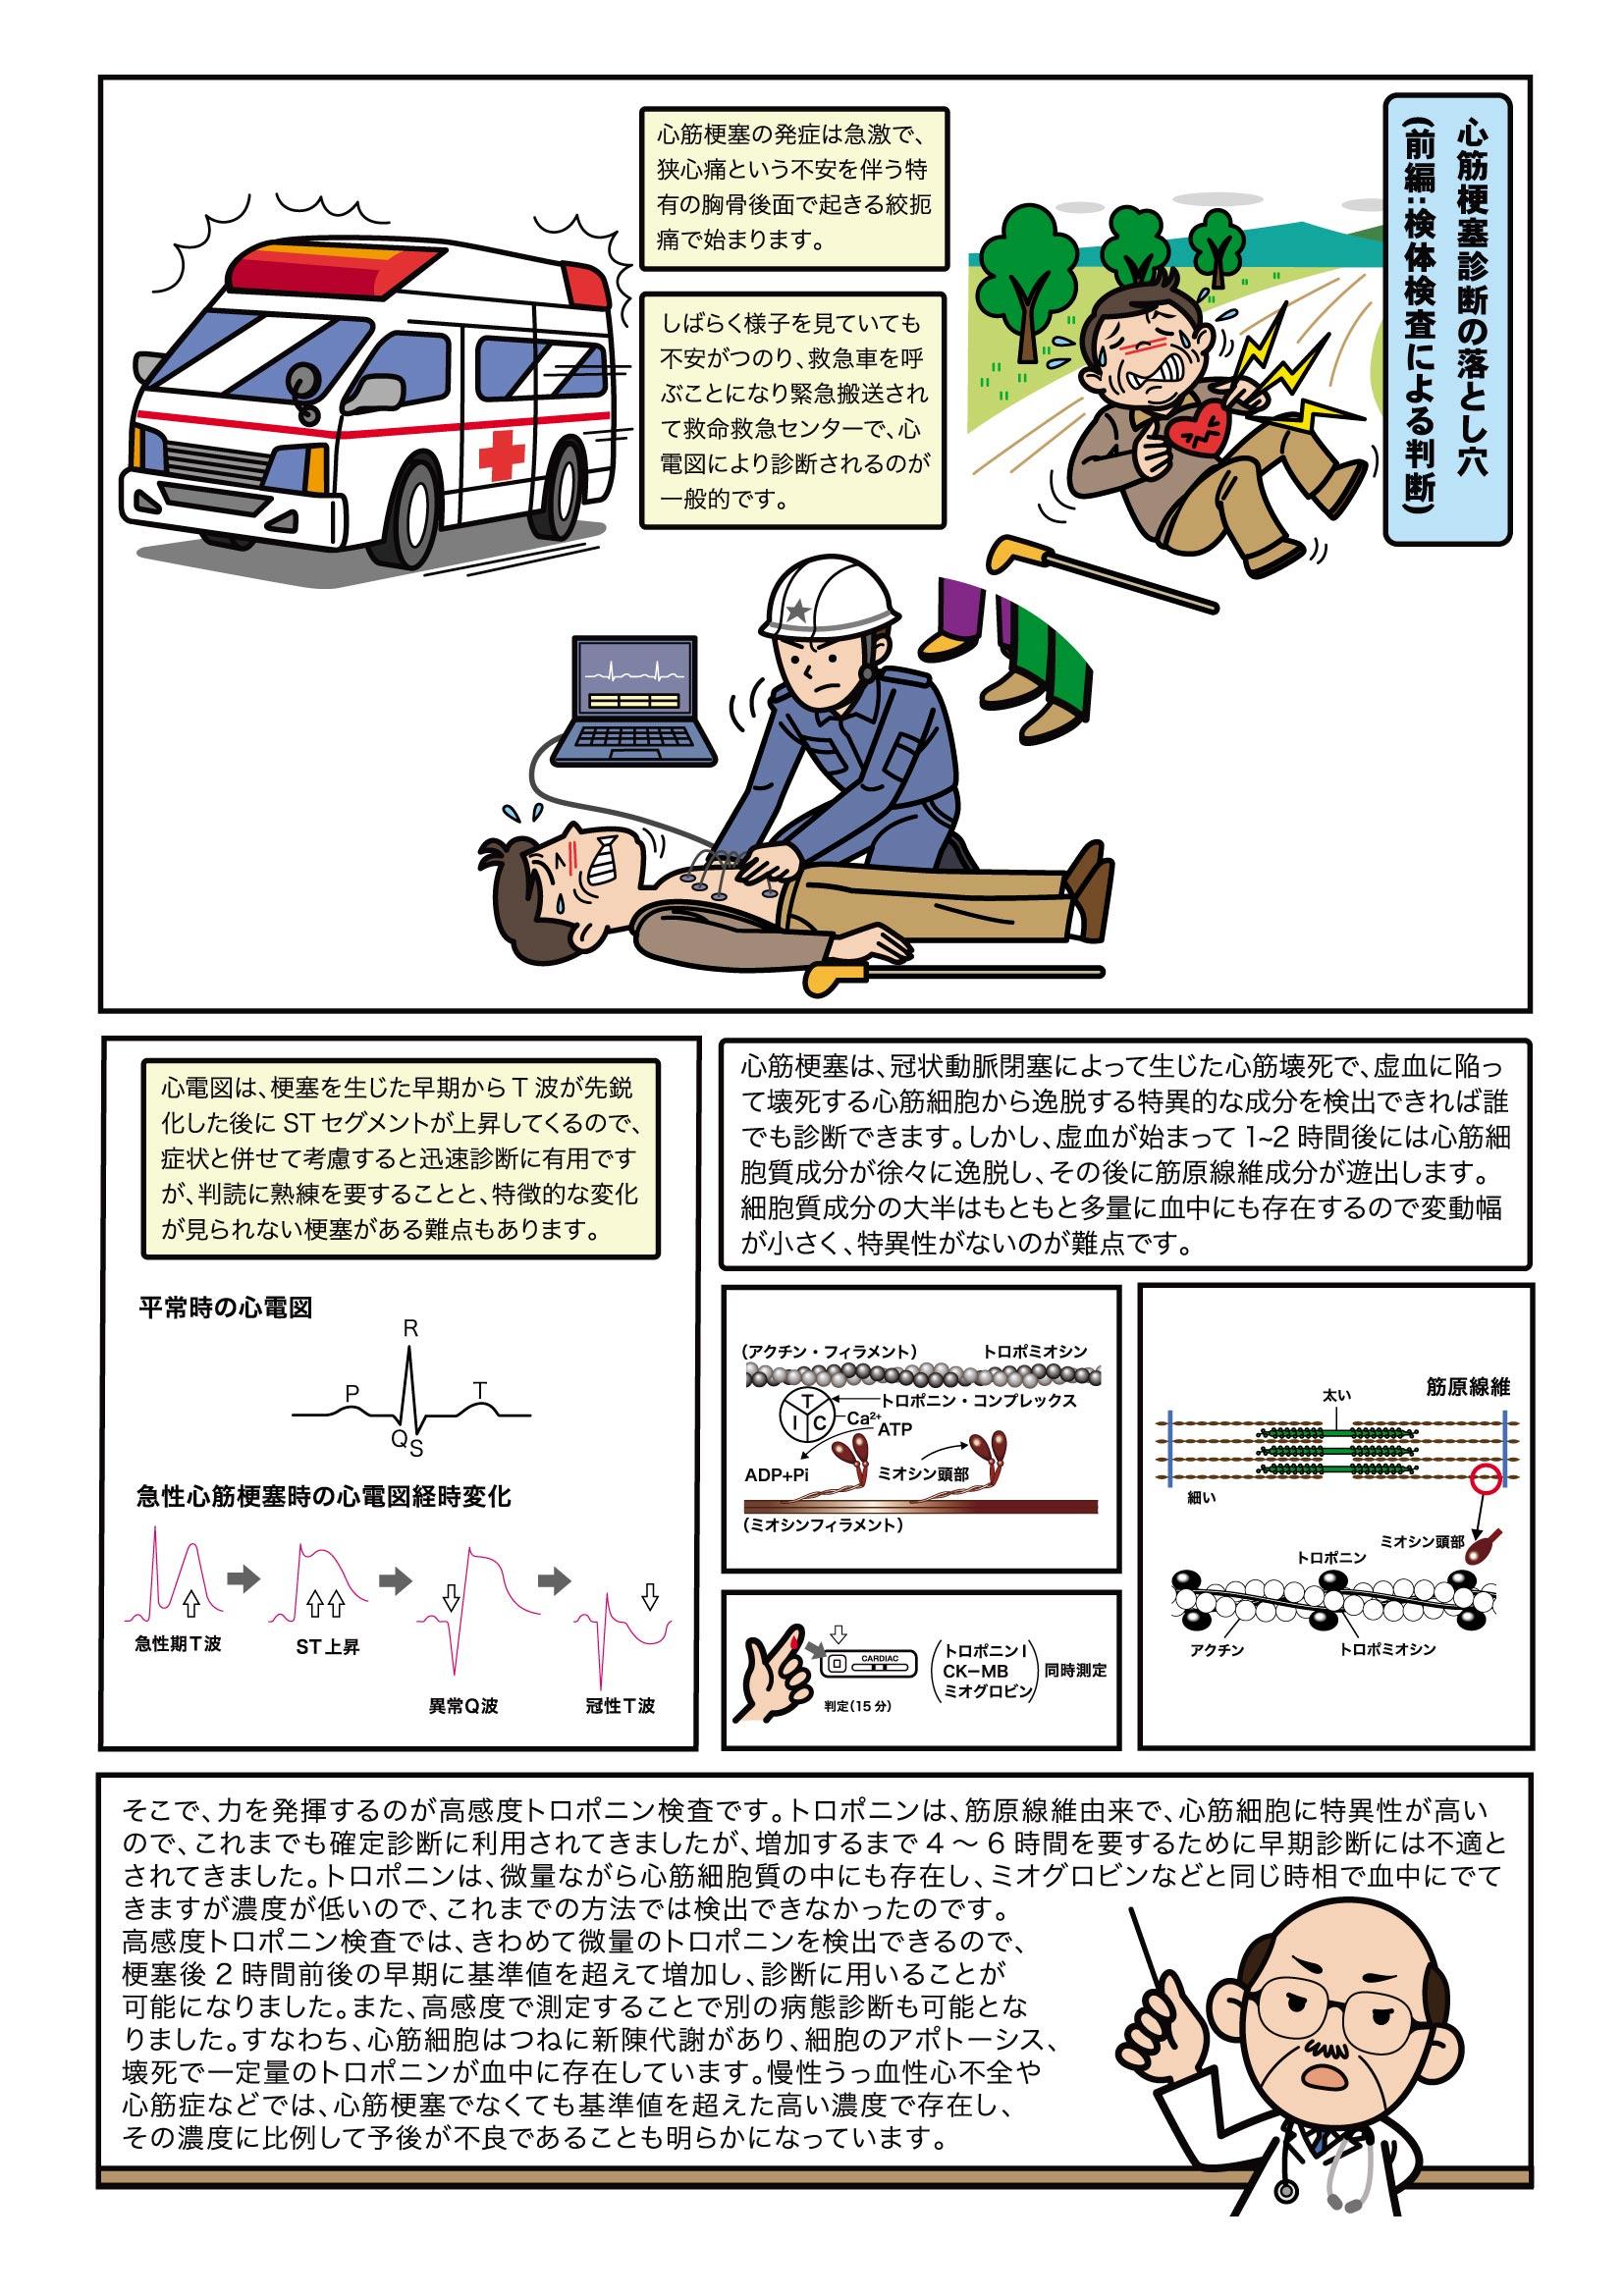 第9話 心筋梗塞診断の落とし穴(前編:検体検査による判断)